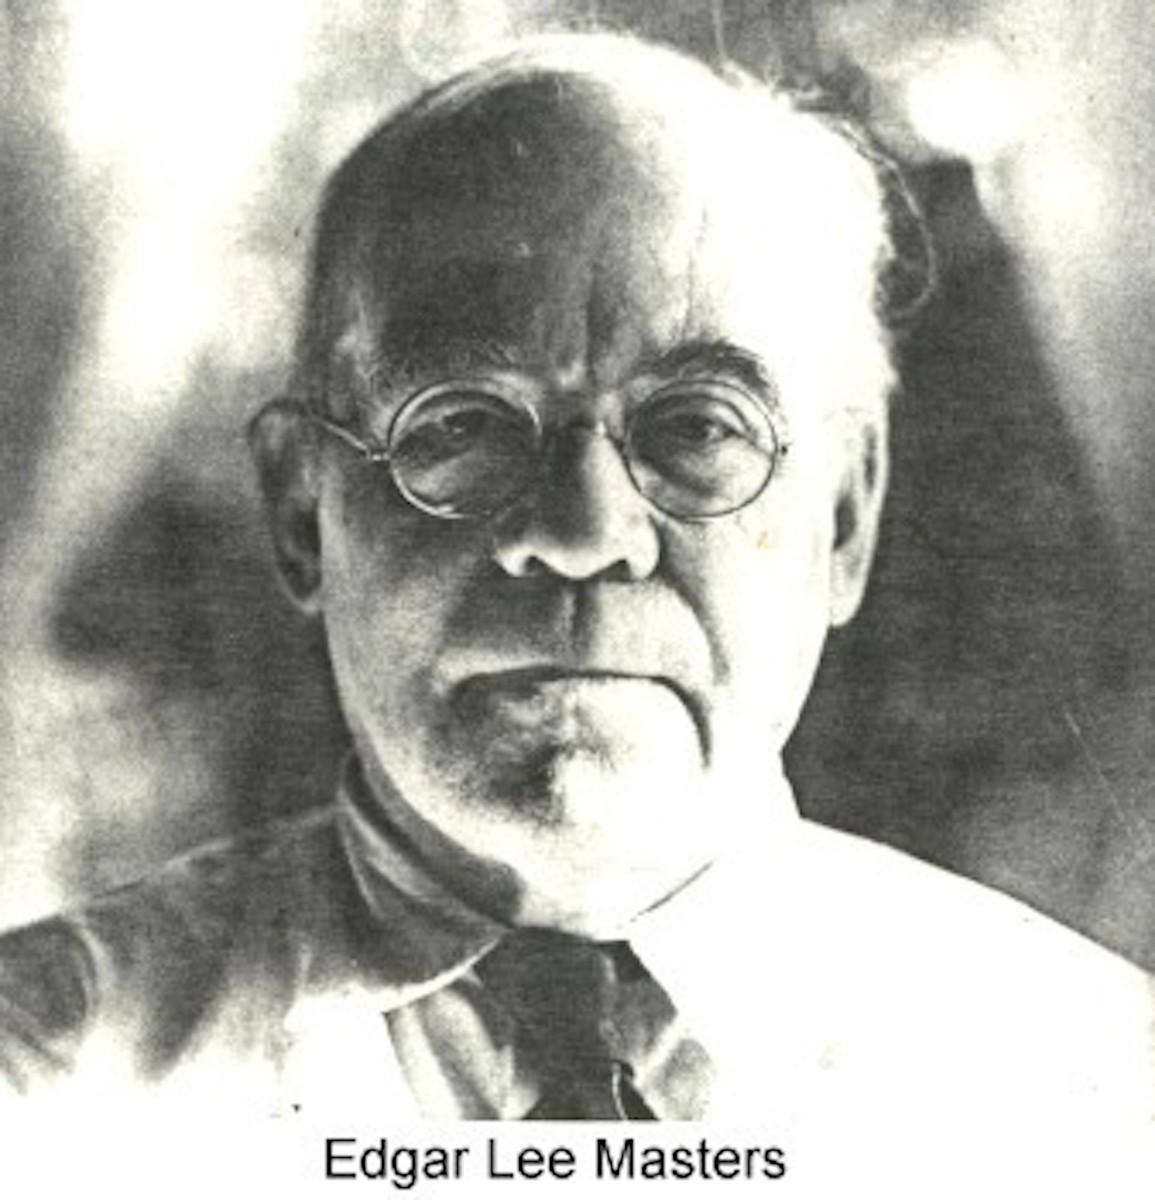 74-edgar-lee-masters-blind-jack